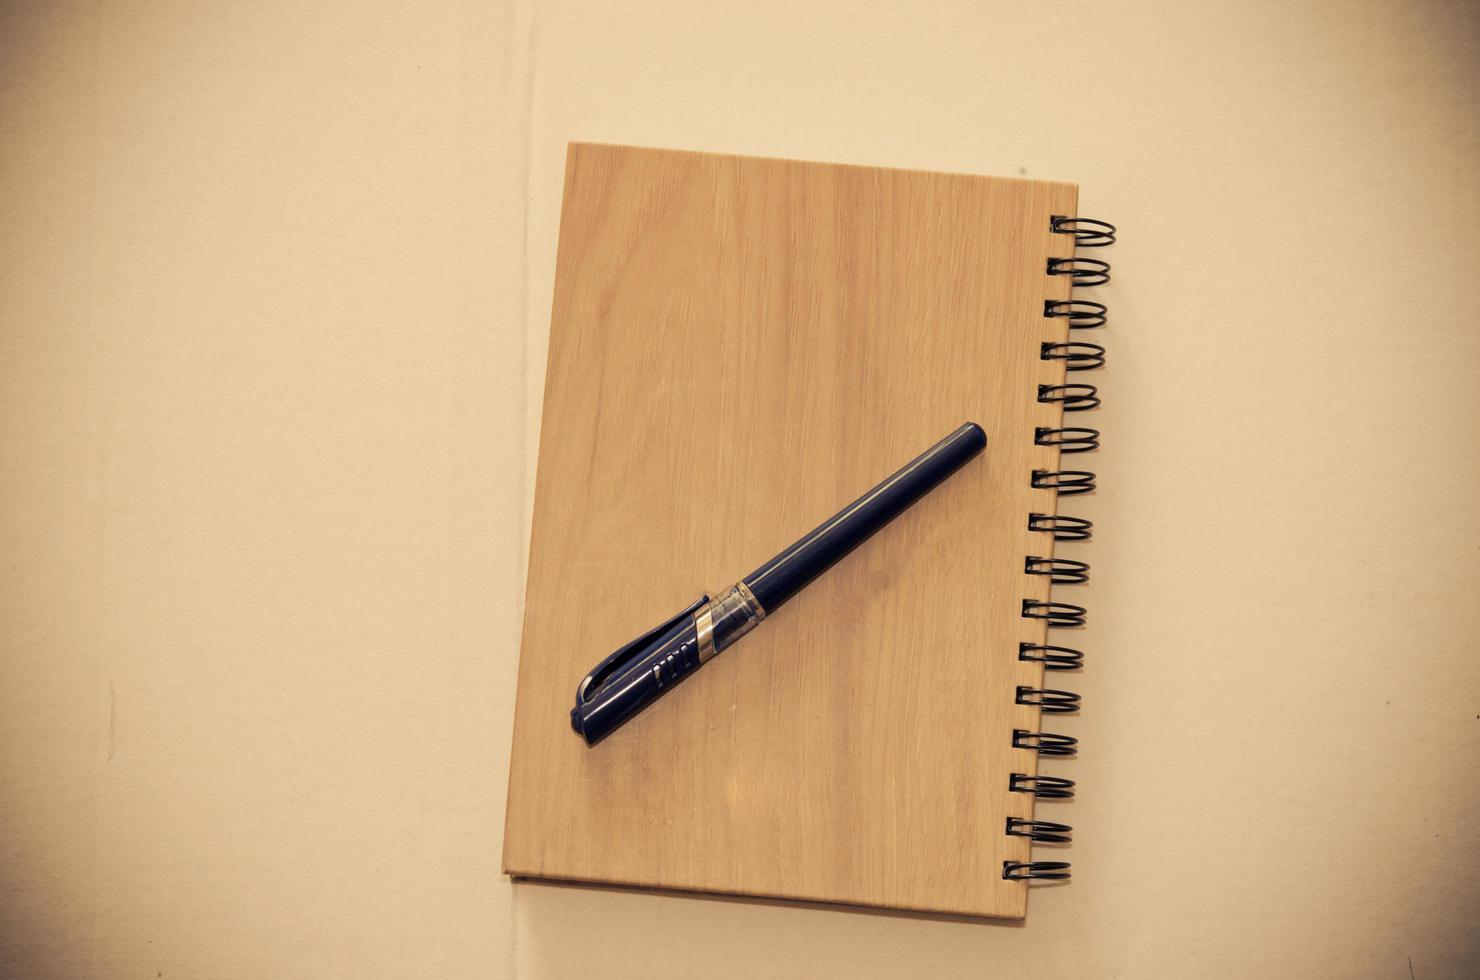 vue de dessus d'un cahier en bois et d'un stylo photo